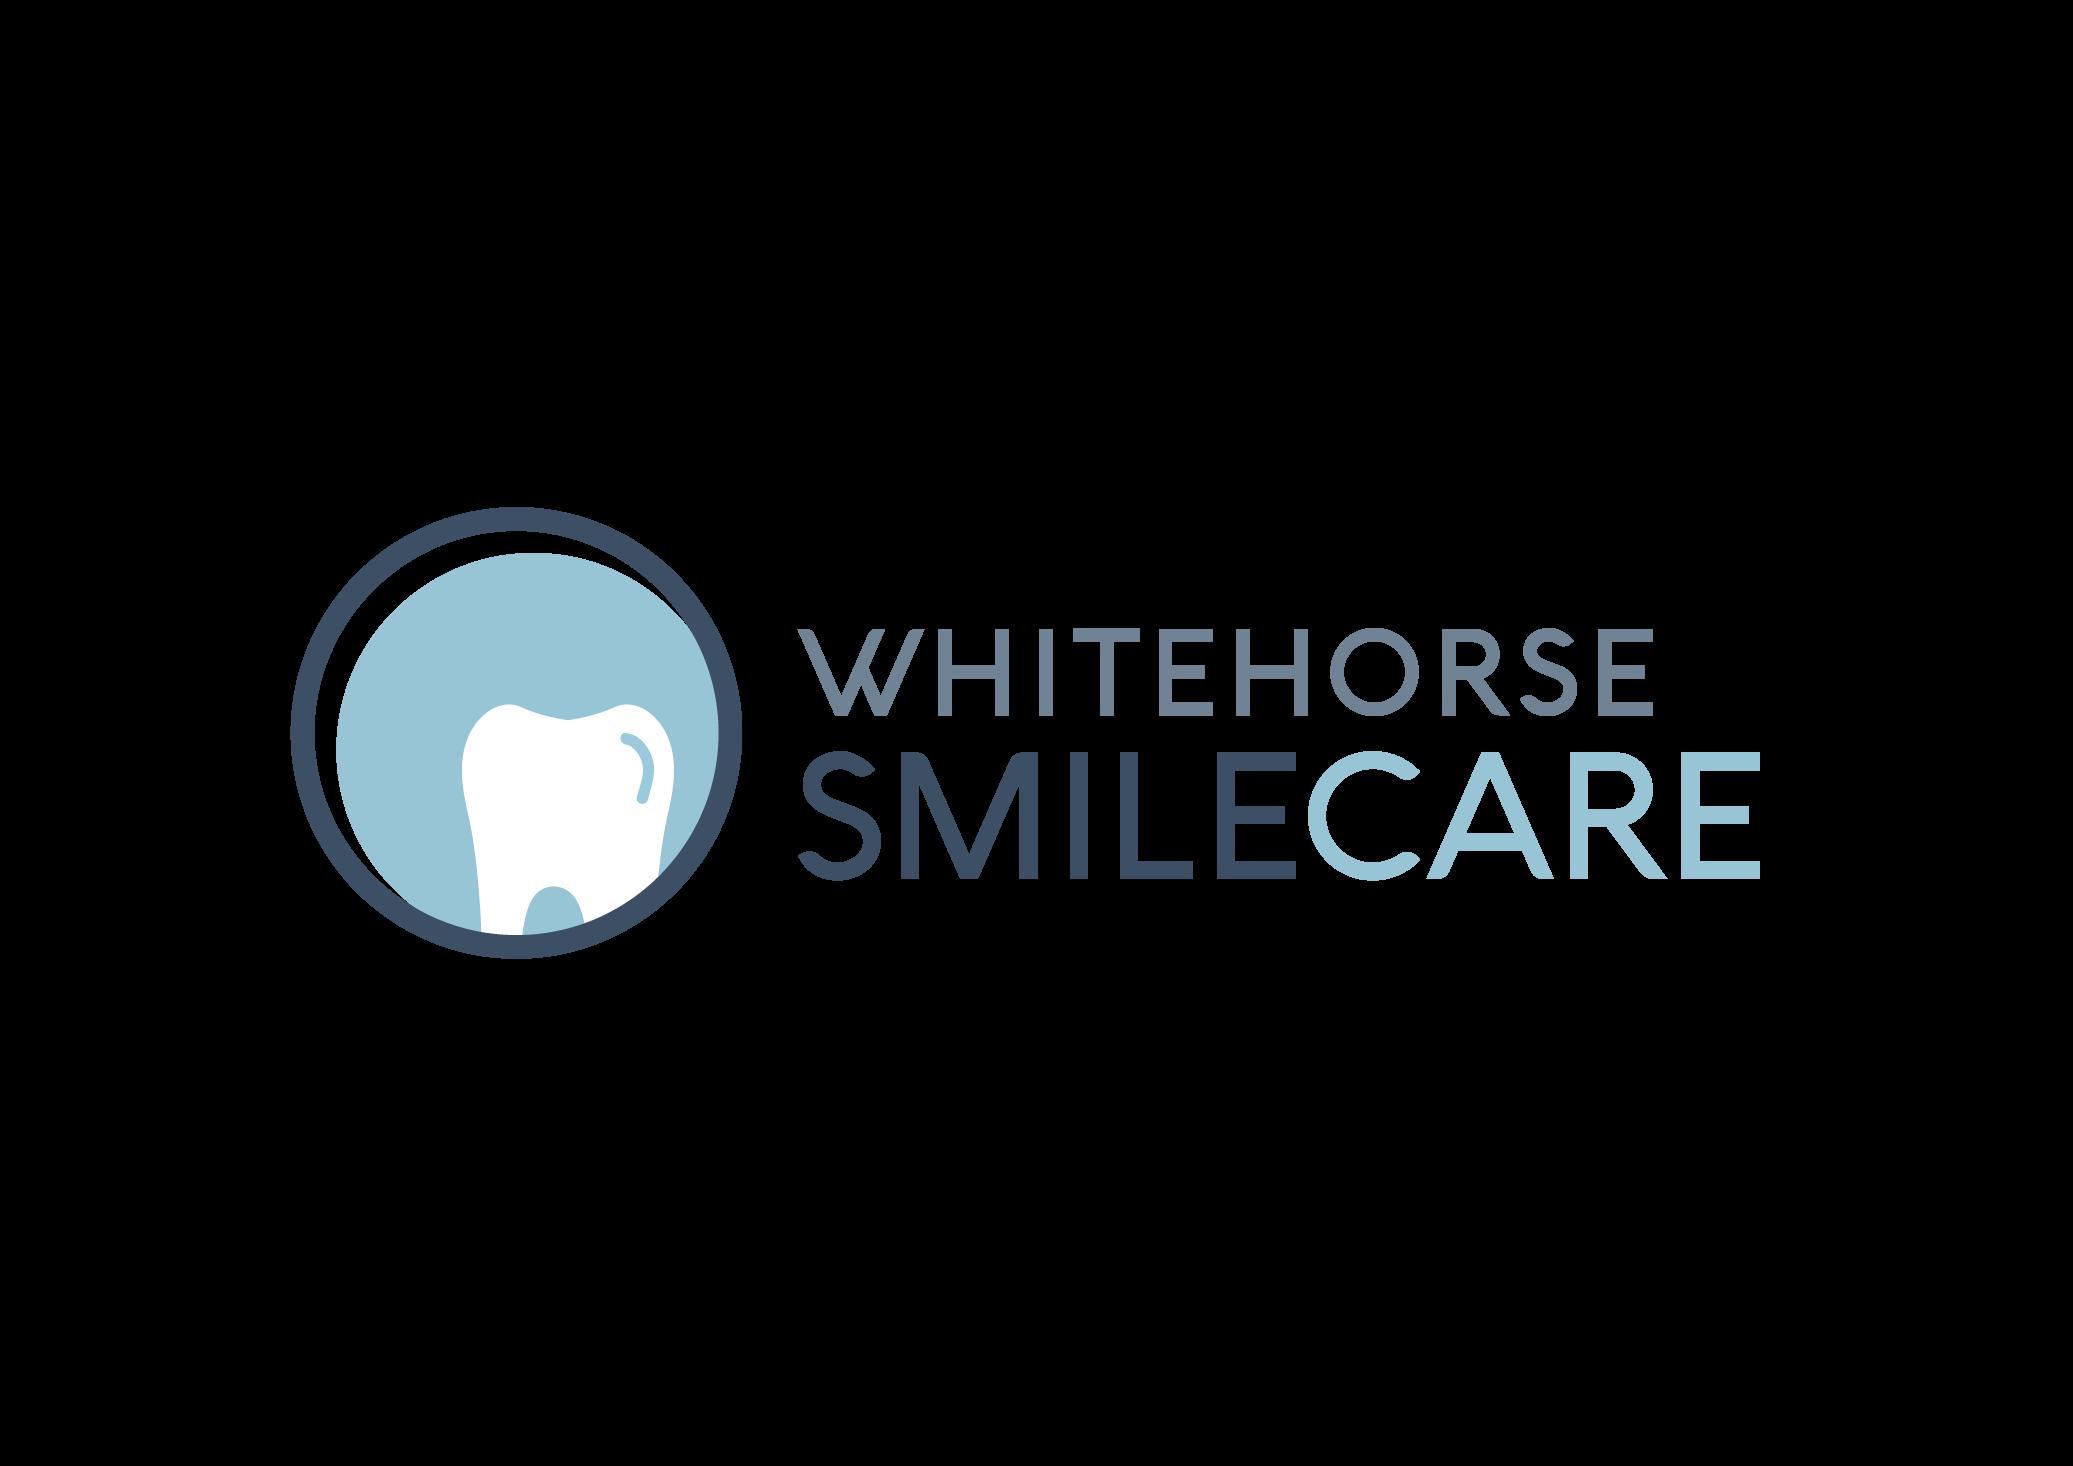 Whitehorse Smile Care